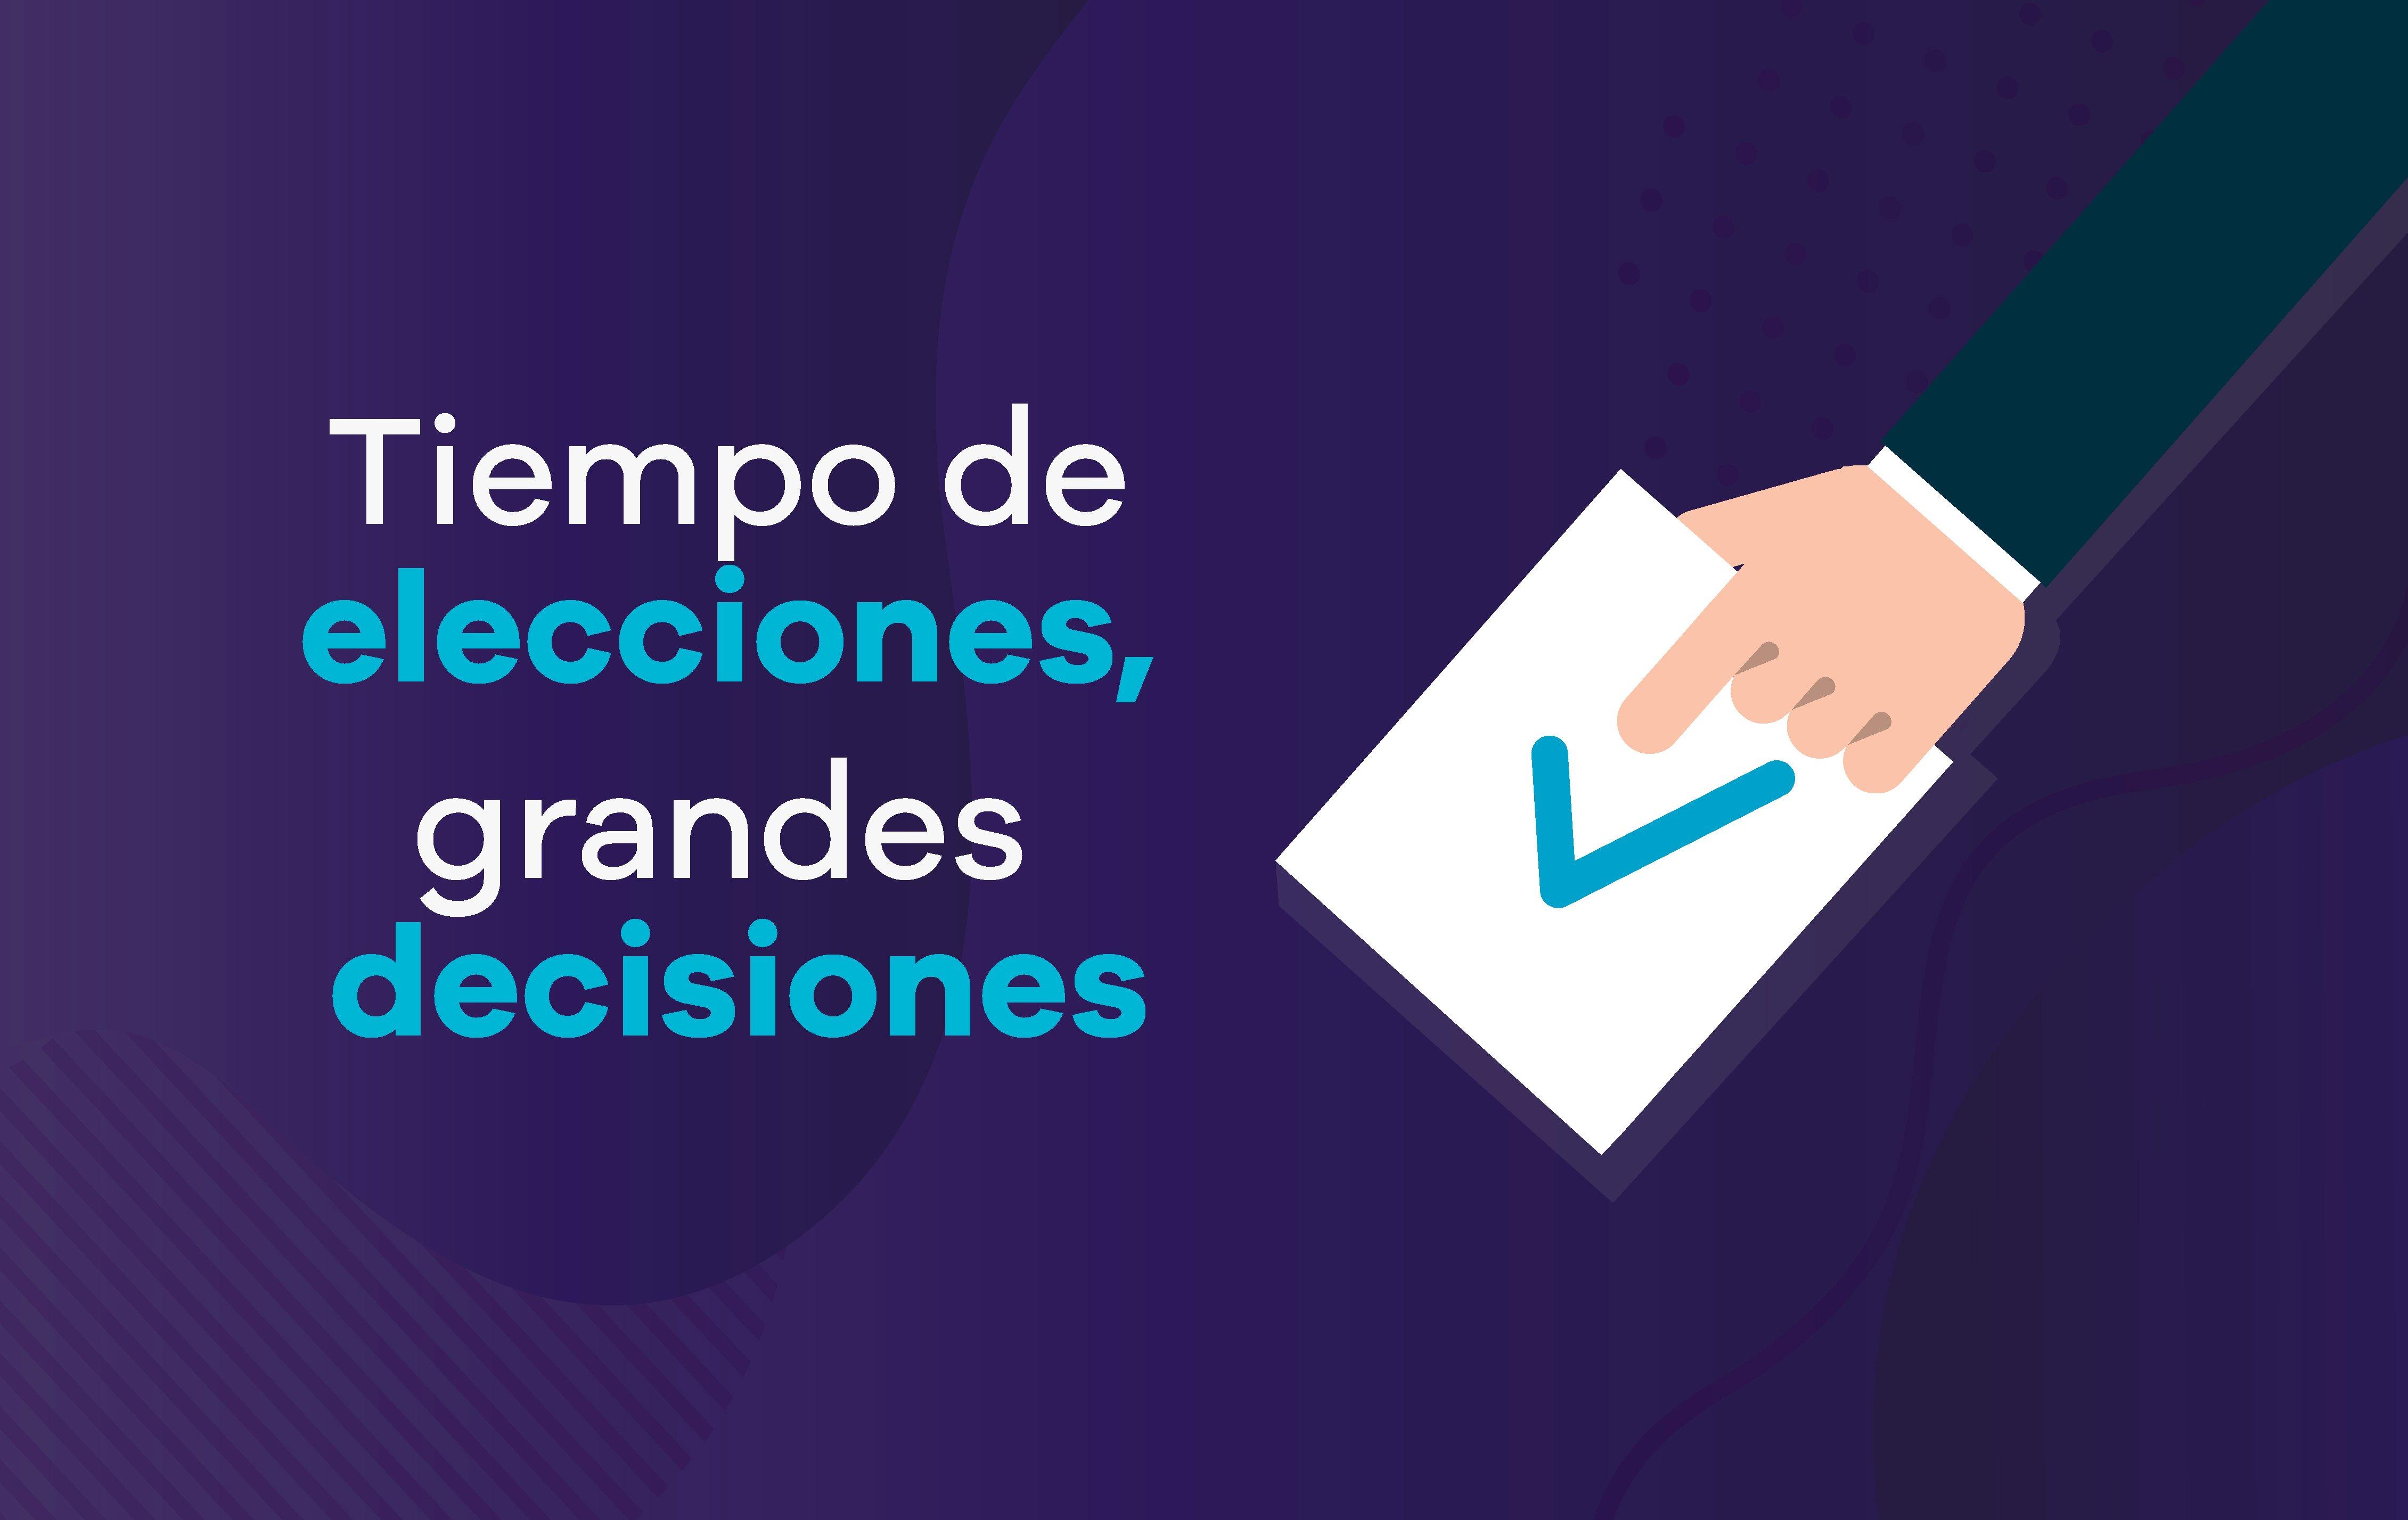 Blog-Solucionweb-Tiempo-de-elecciones-cual-es-la-mejor-eleccion-para-tu-empresa